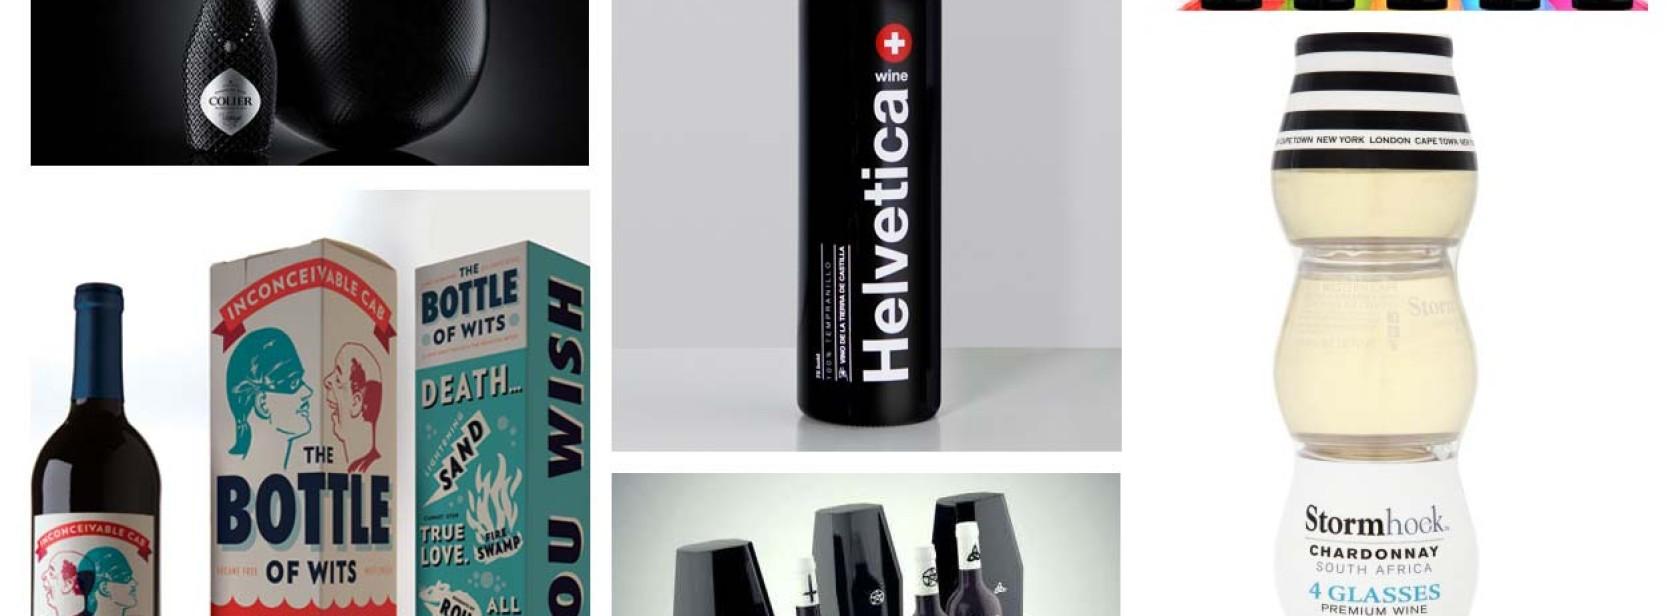 bottiglie-di-design-vino-esclusivo-idee-regalo-accessori-exclusive-wine-1680x616